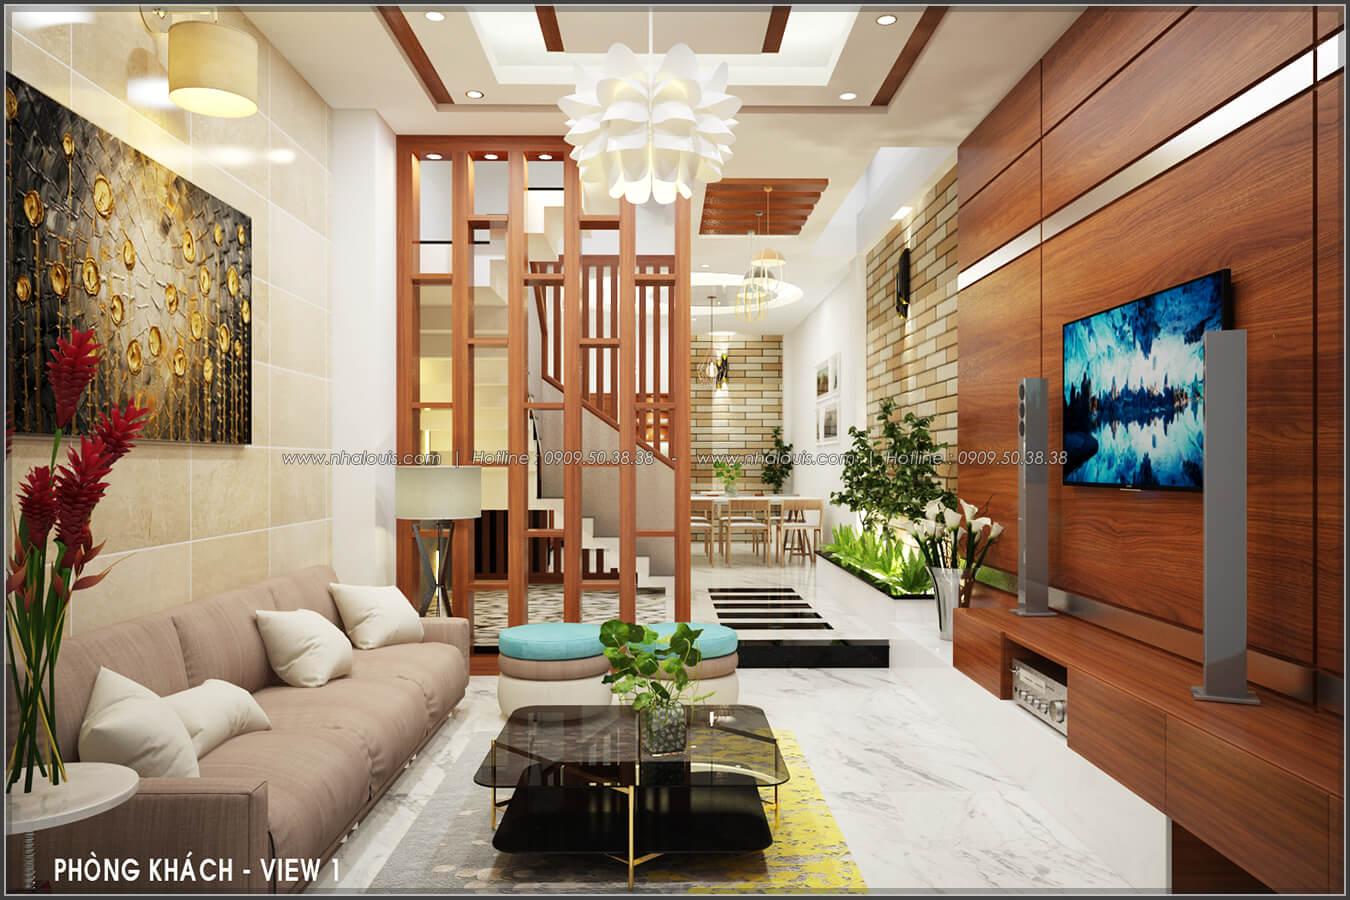 Phòng khách Thiết kế nội thất nhà phố đẹp tone gỗ ấm áp và sang trọng quận Tân Bình - 3